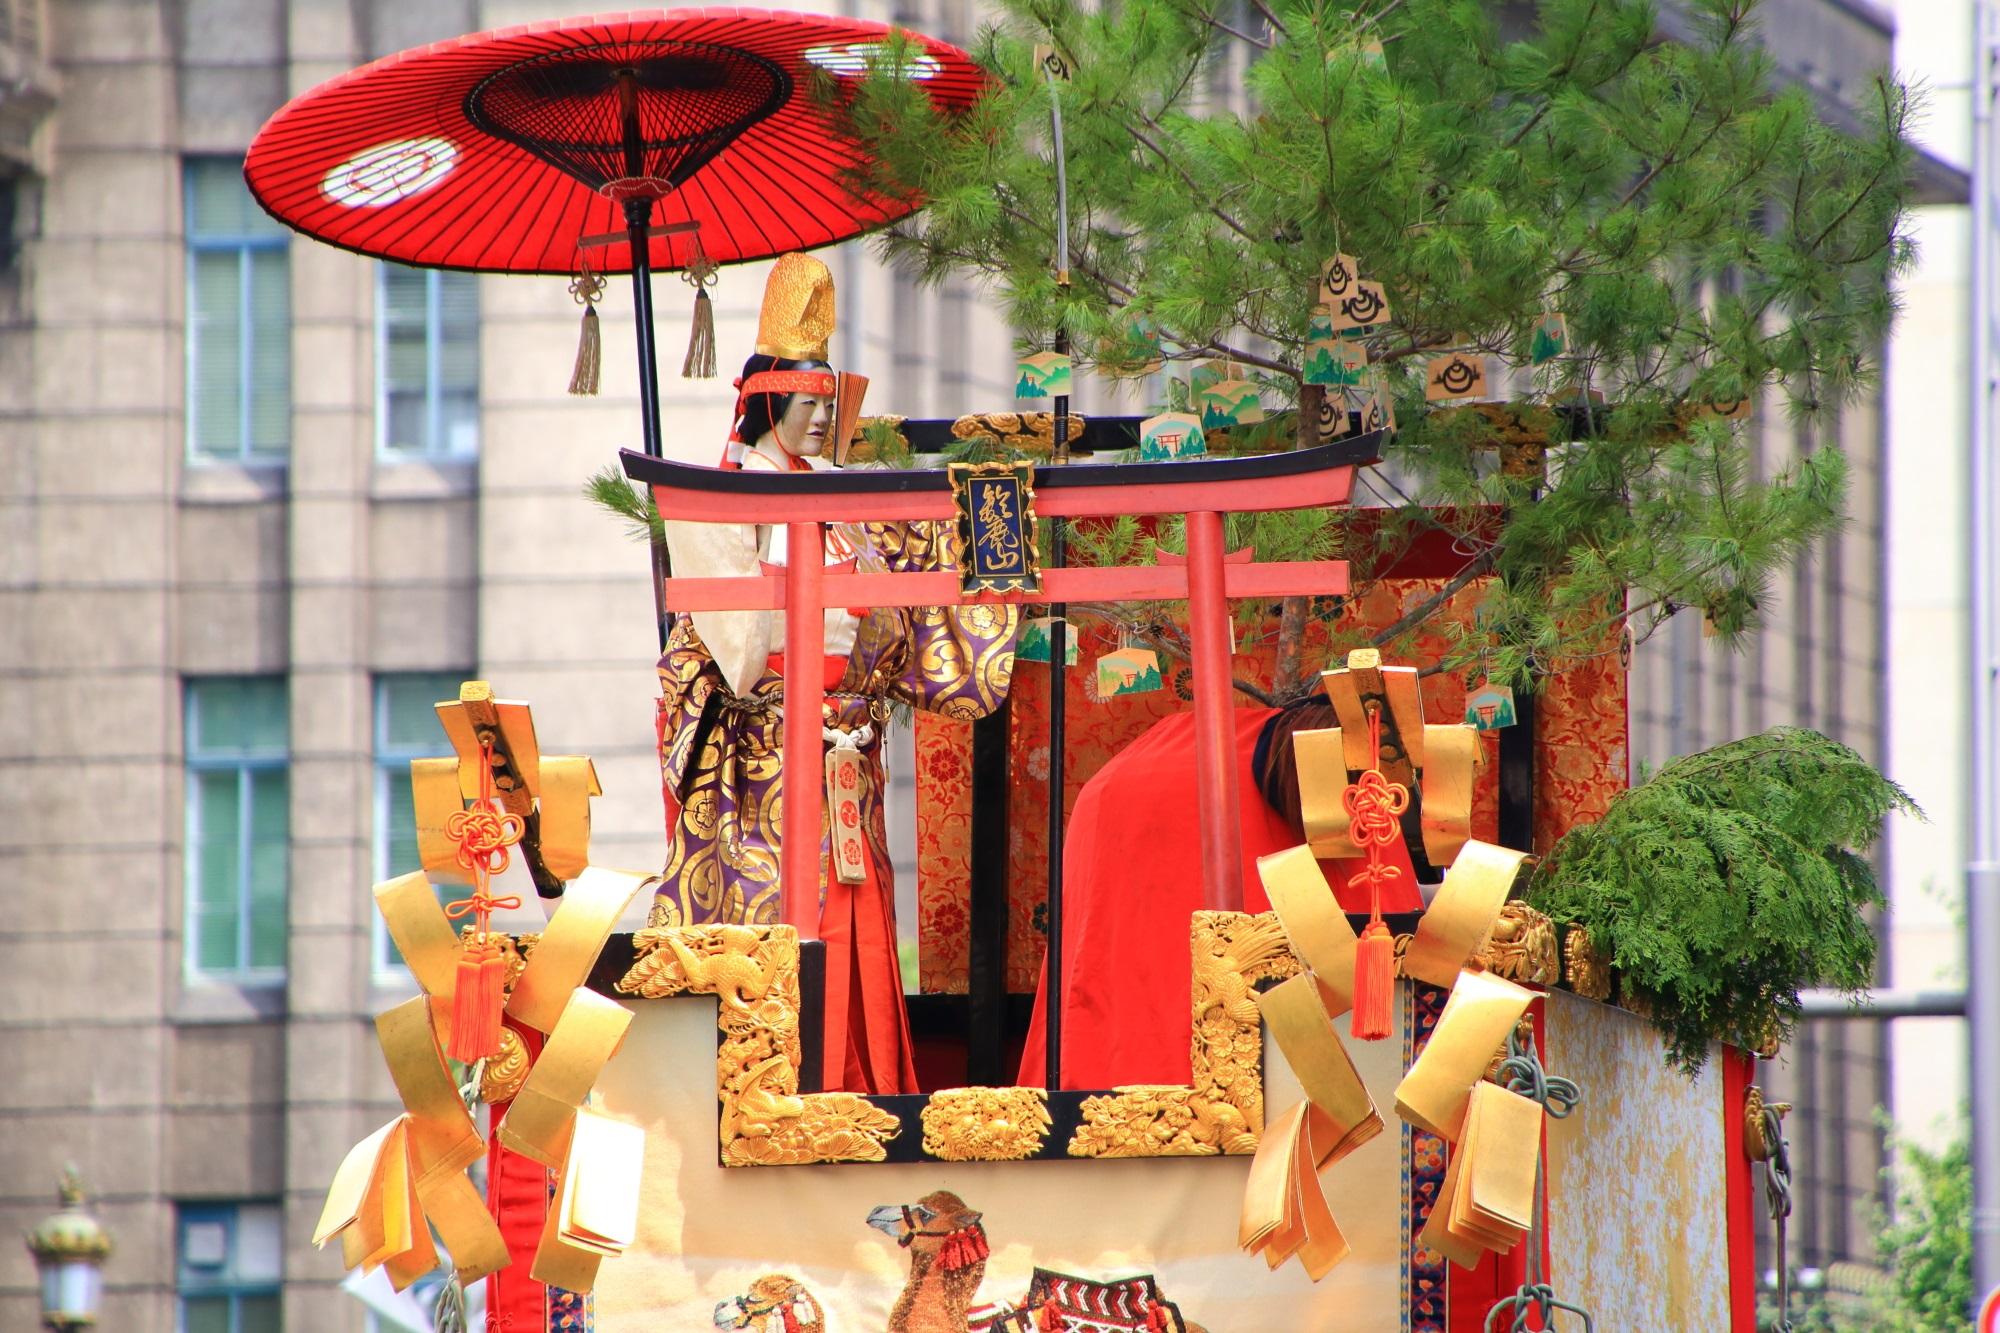 京都三大祭の祇園祭後祭の山鉾巡行の鈴鹿山